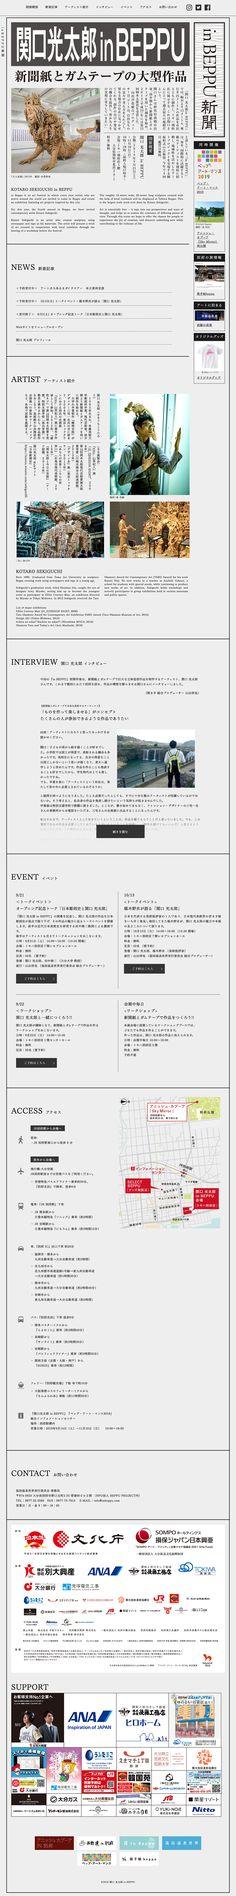 関口 光太郎 in BEPPU WEBサイト / Web Design:Design totte(デザイントッテ) / Graphic Design:井下悠 Webデザイン,ウェブデザイン,イベント,広告,新聞風,別府, Beppu, Bullet Journal